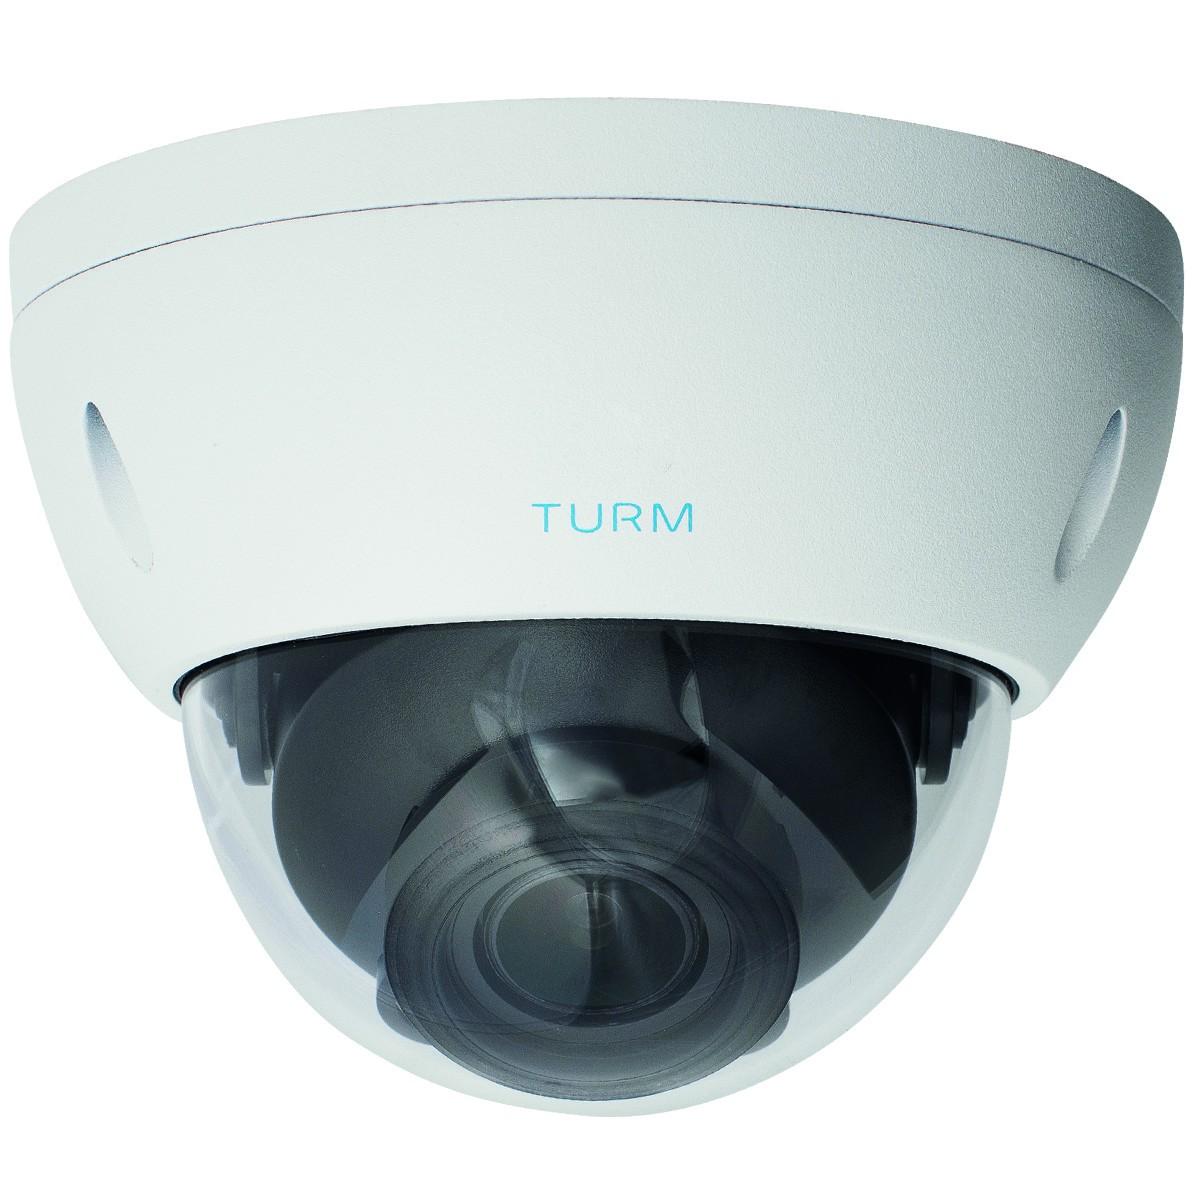 TURM HDCVI Ultra 8 MP 4K Dome Kamera, 30m Nachtsicht mit Starlight und Motorzoom bis 112° Weitweinke